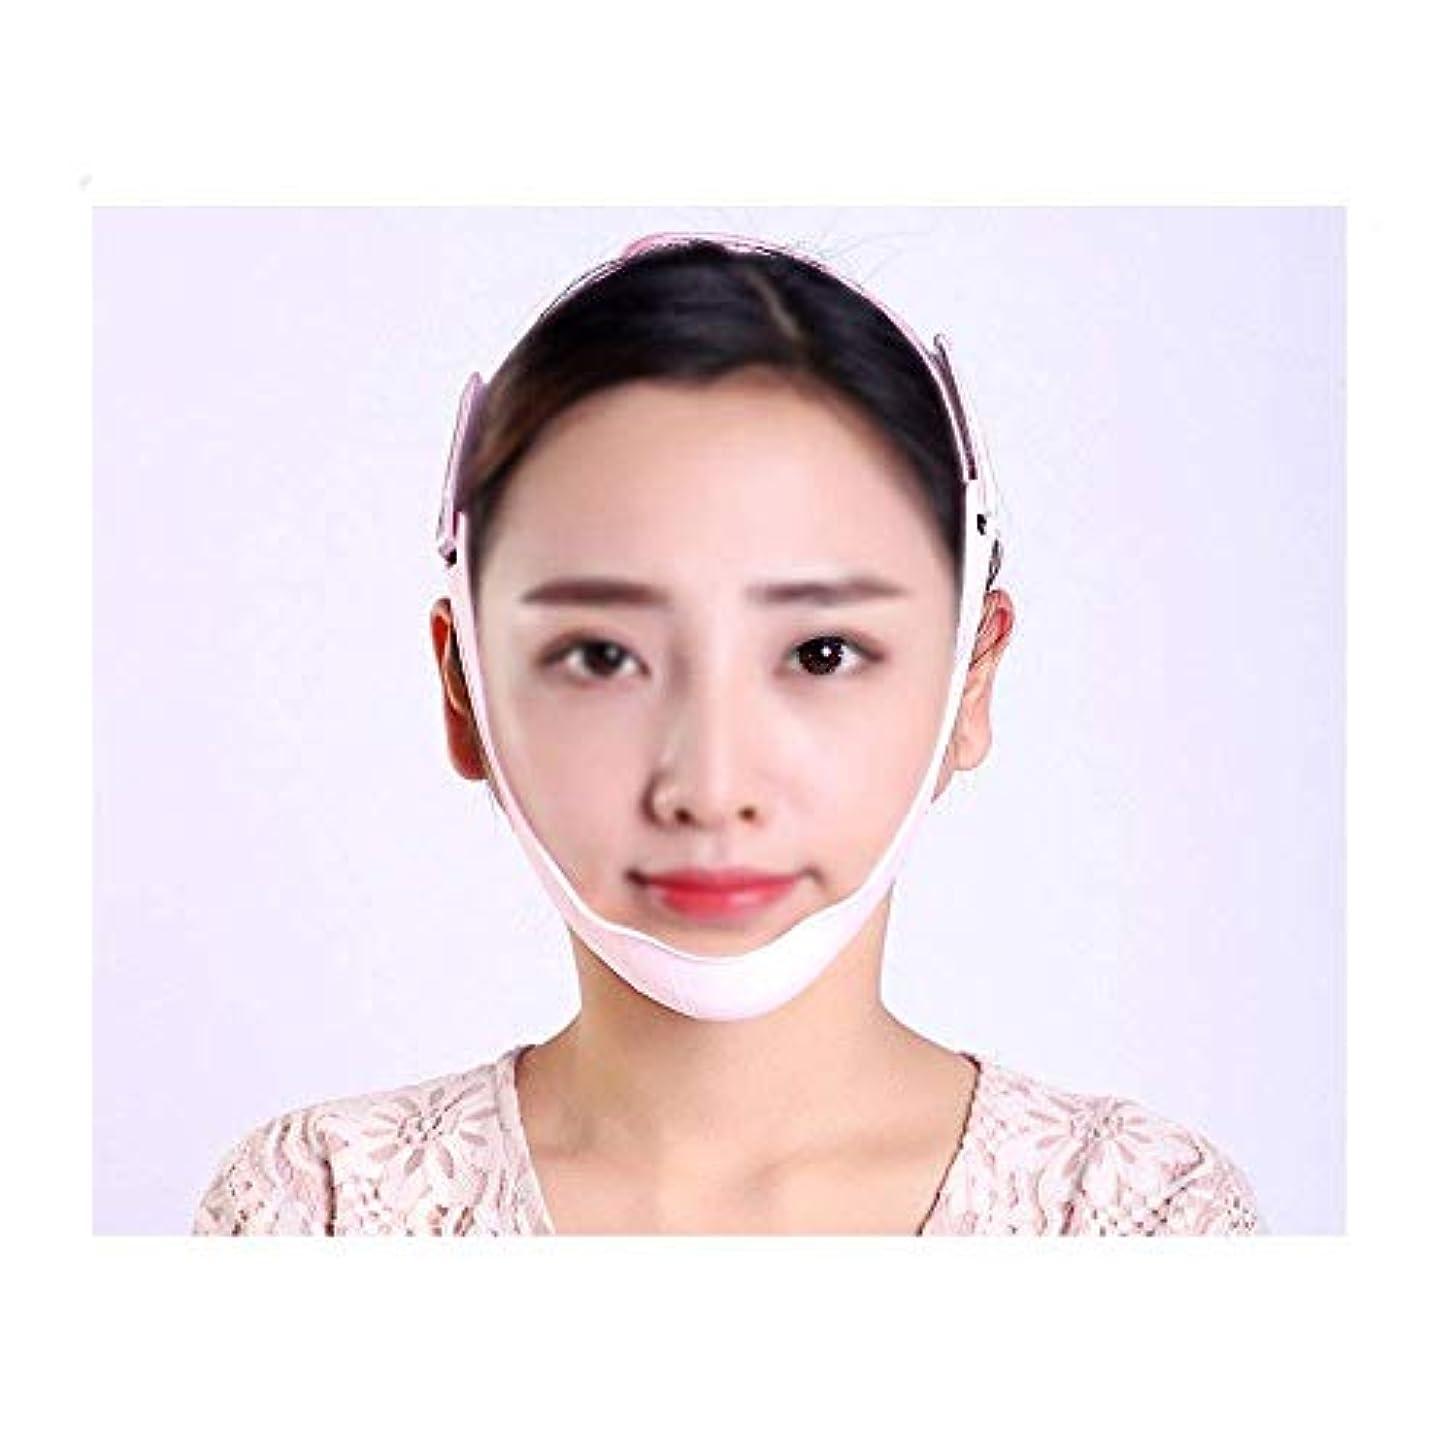 期待して麻痺させる鰐フェイシャルリフティングマスク、リフティングフェイシャルファーミングアーティファクト/マッサージ器薄い顔の包帯/通気性ダブルチンスリミングマスク